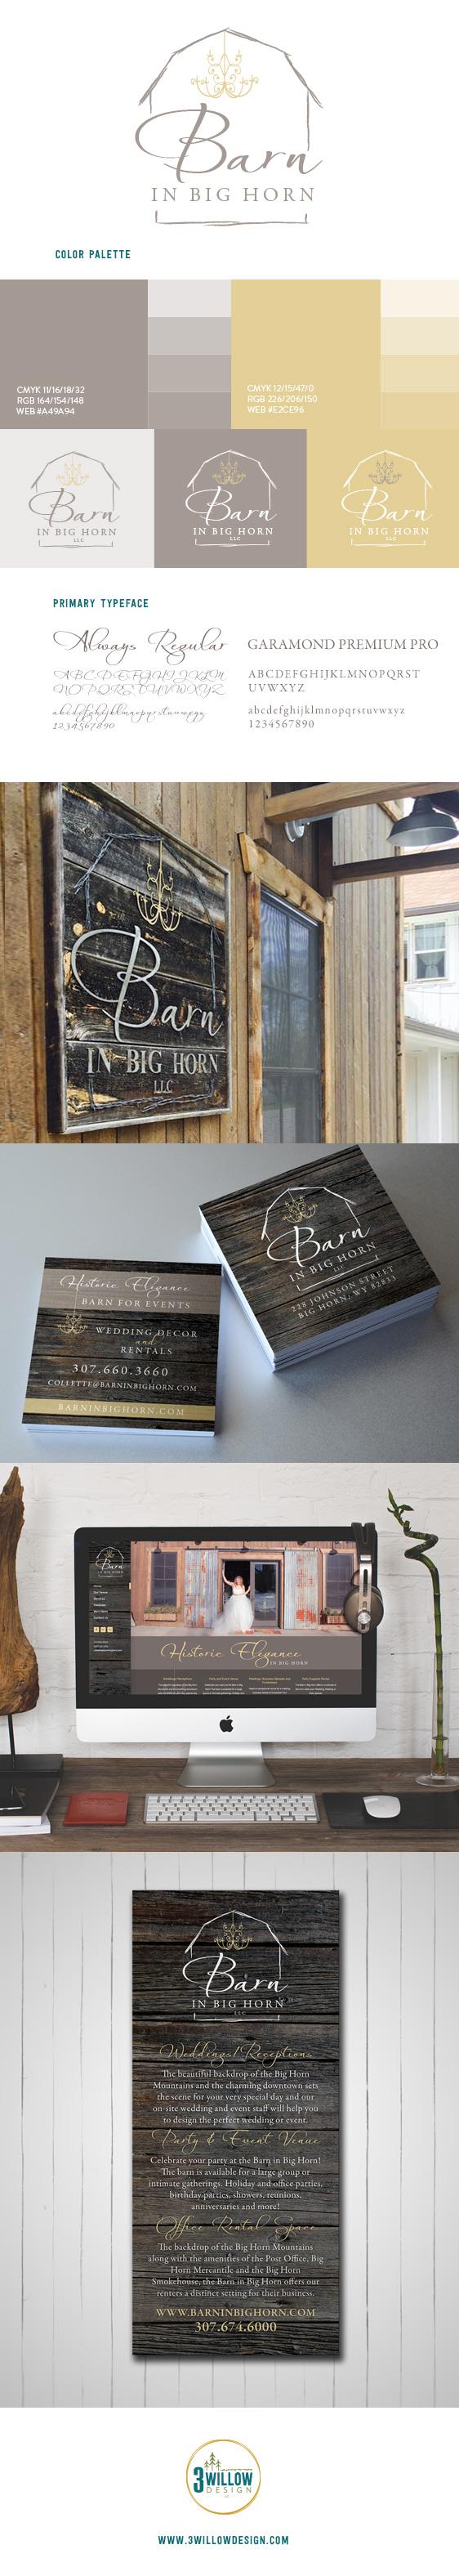 Barn in Big Horn Branding board